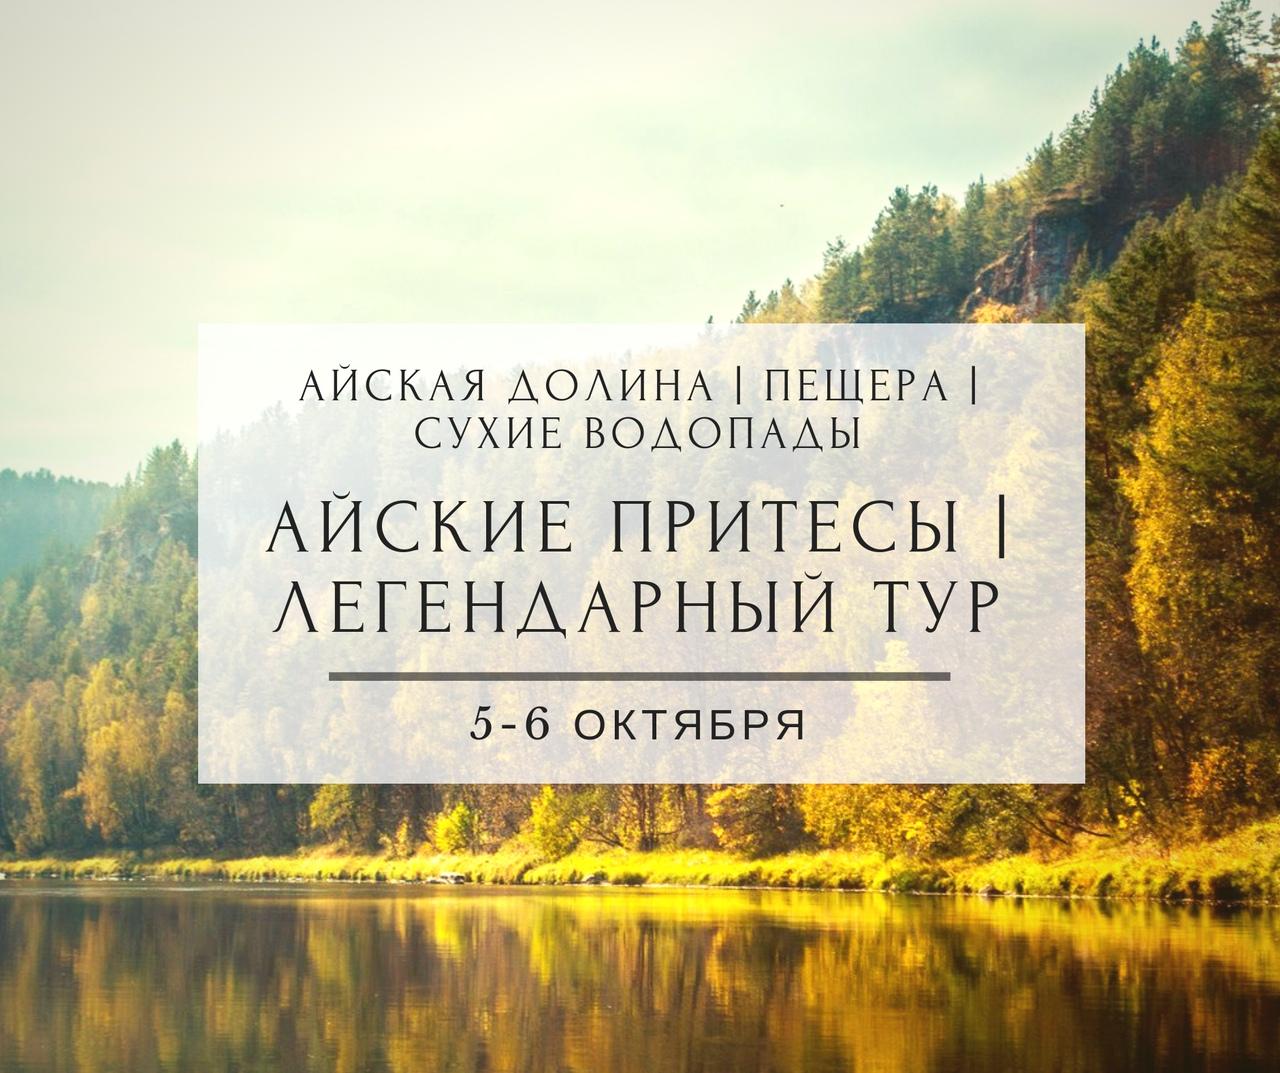 Афиша Тюмень АЙСКИЕ ПРИТЕСЫ / ЛЕГЕНДАРНЫЙ ТУР / 5-6 ОКТЯБРЯ